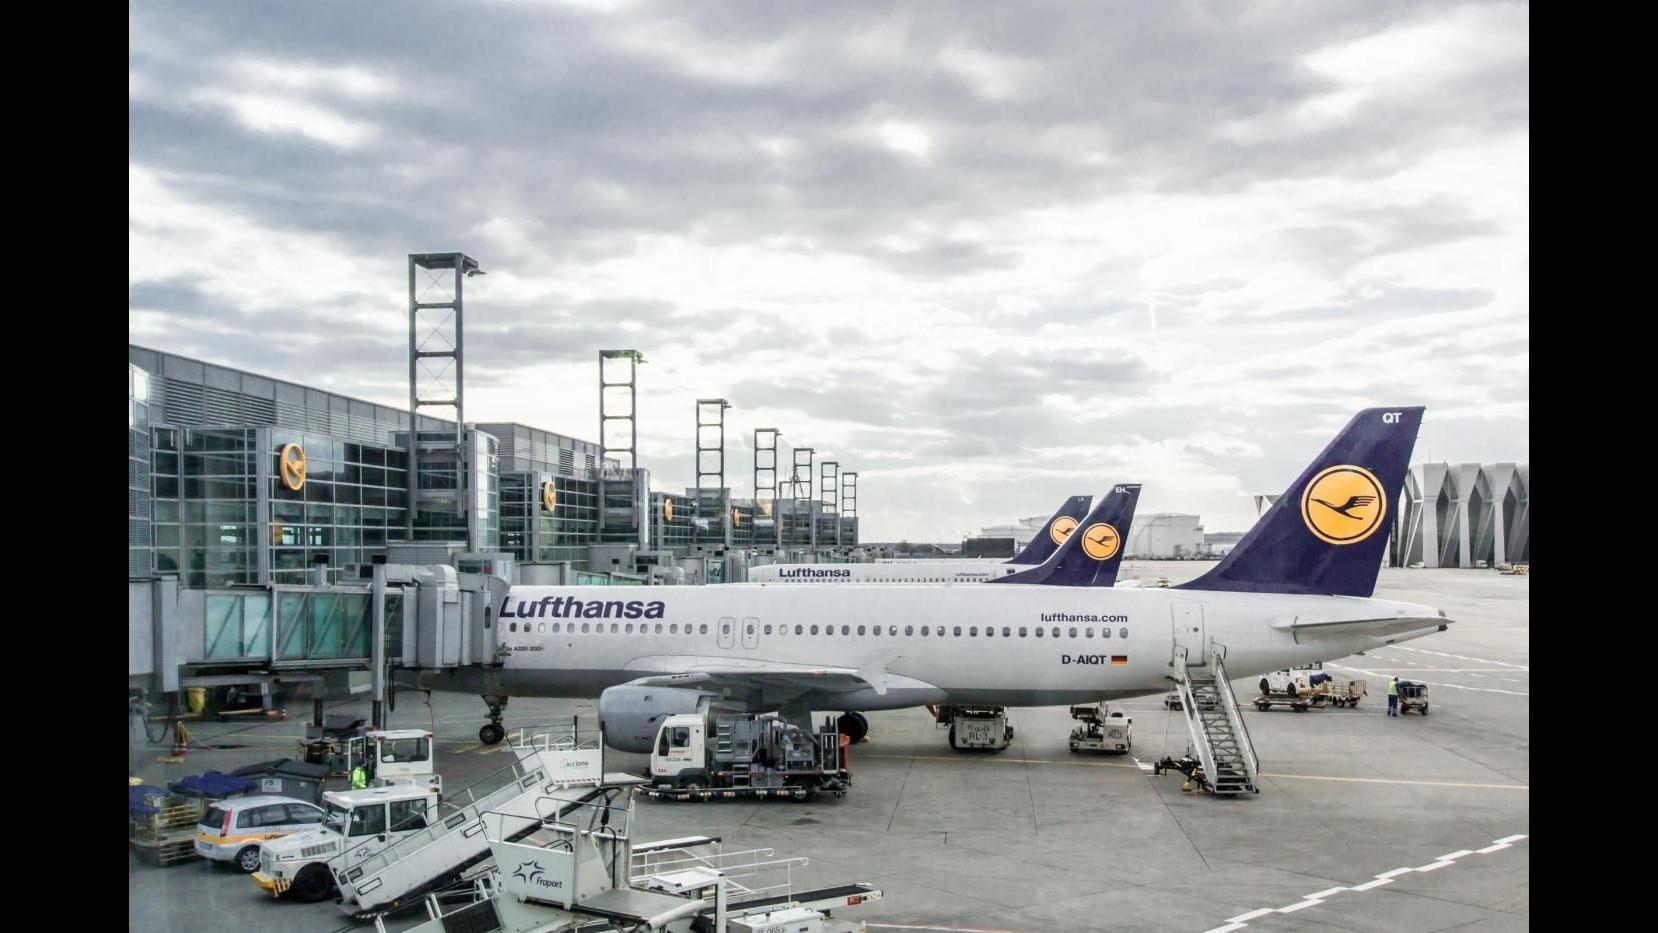 Germania, sciopero di 2 giorni piloti Lufthansa. Azienda presenta ingiunzione